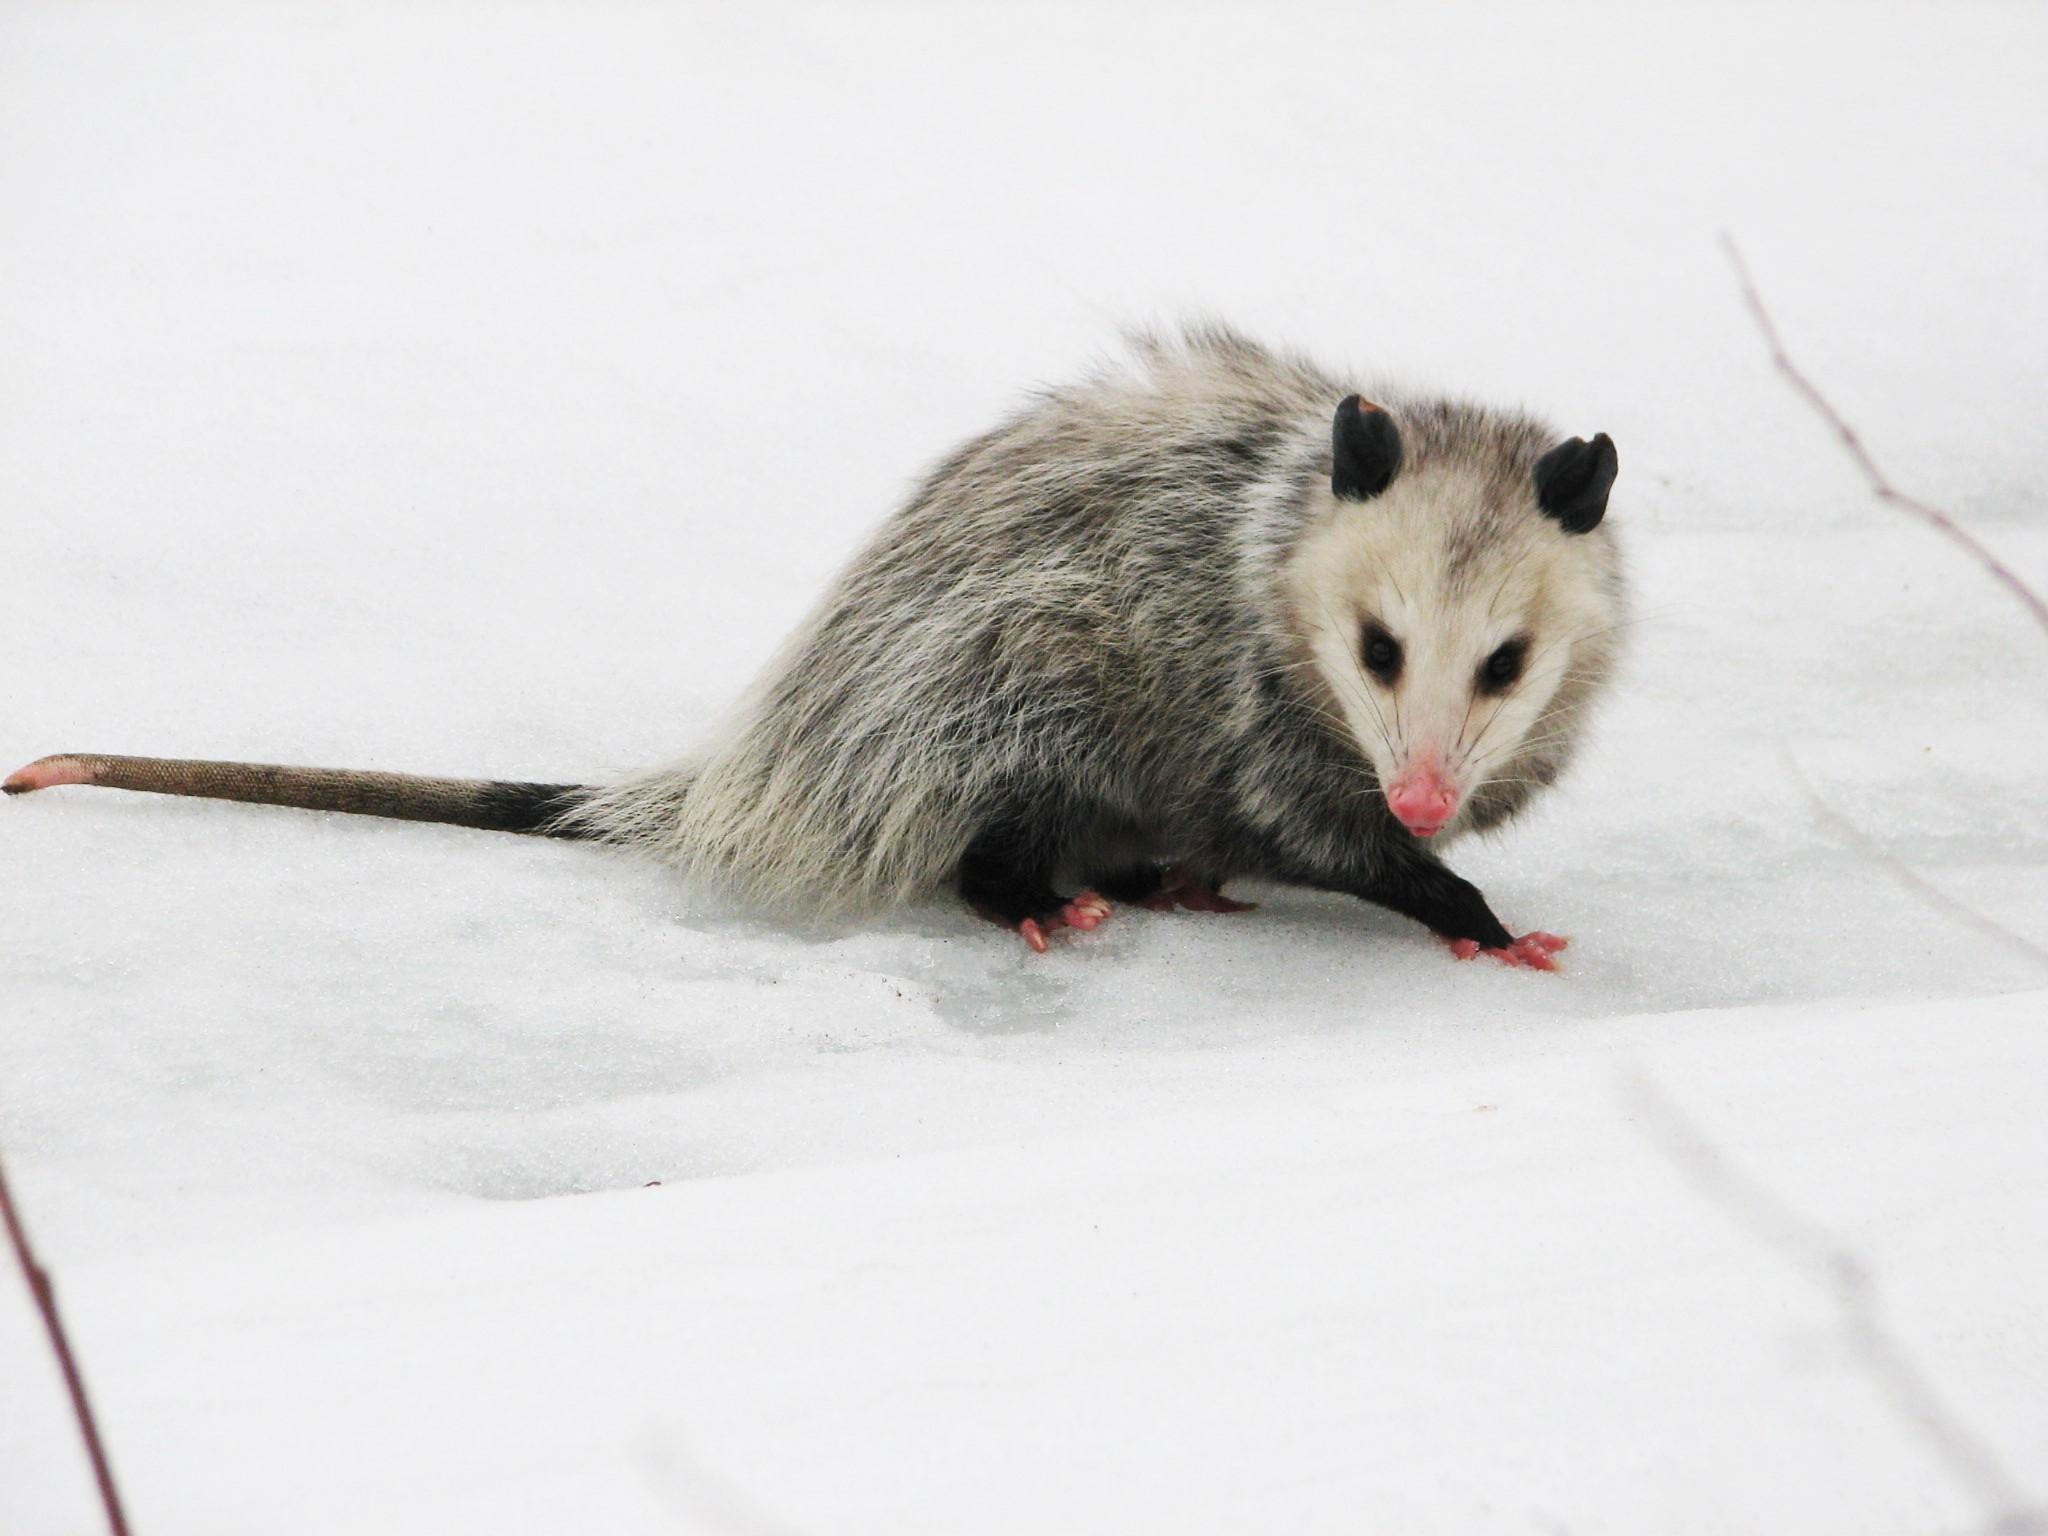 opossum on snow